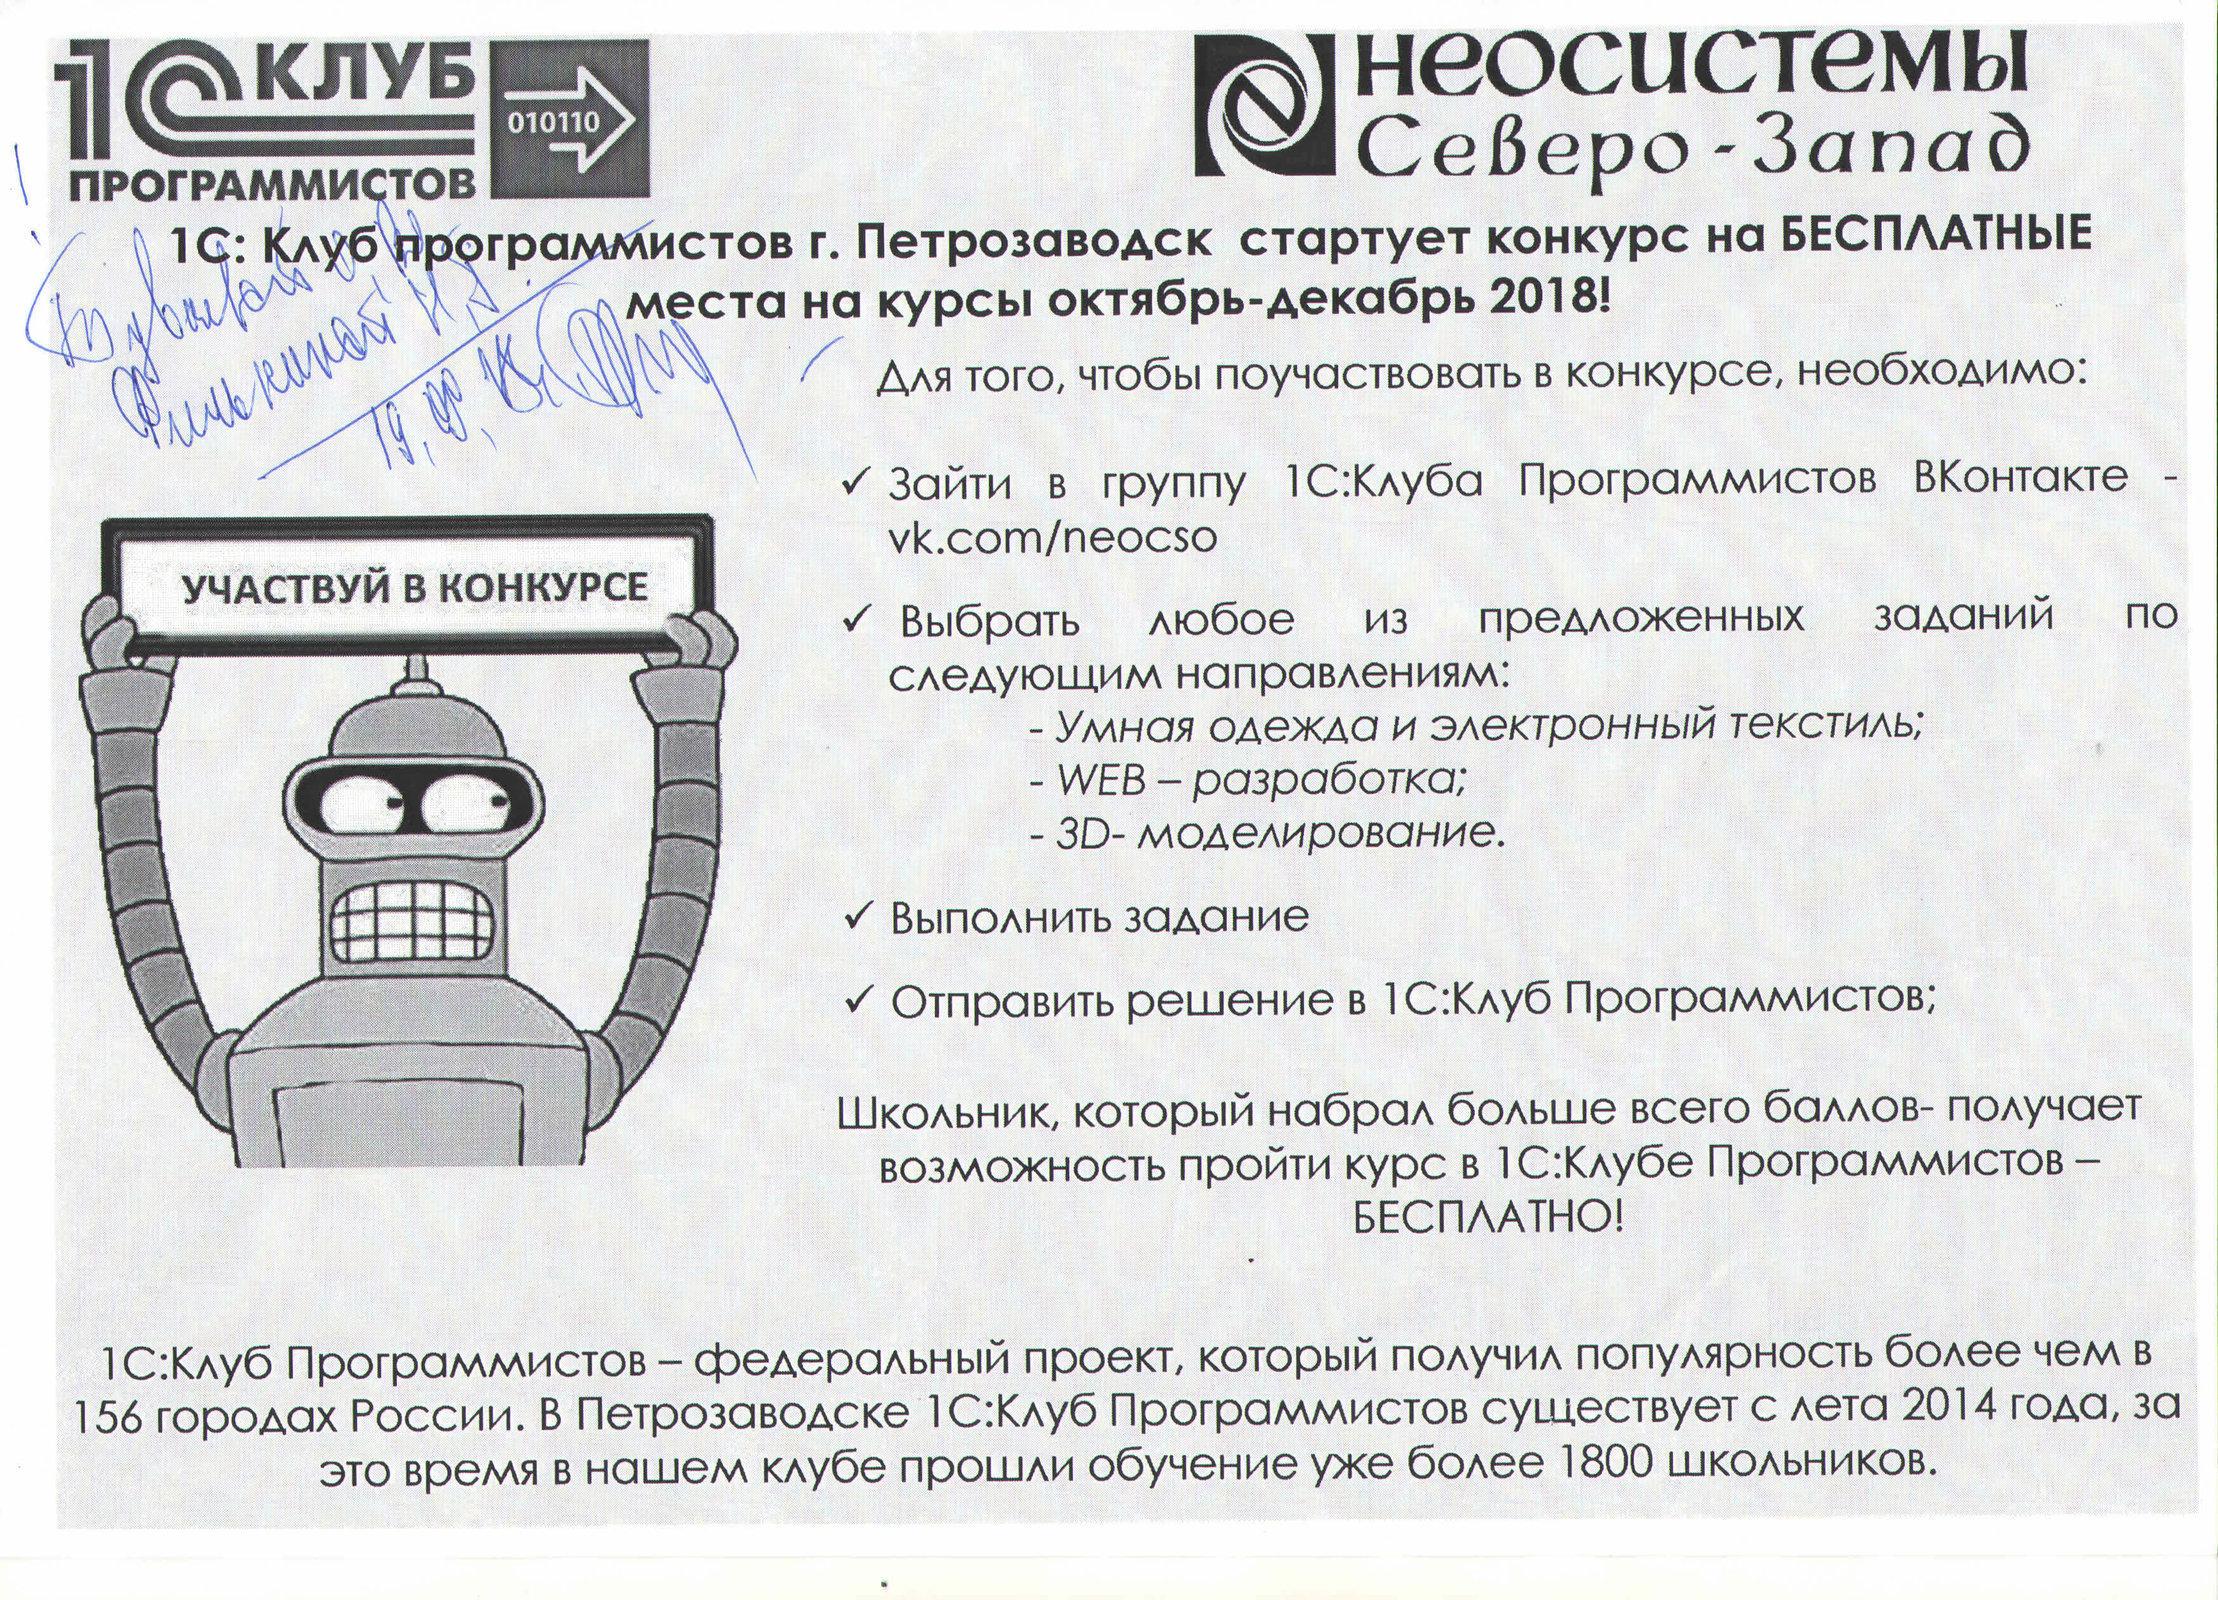 Клуб программистов 1с петрозаводск как исправить ошибку в книге покупок в 1с